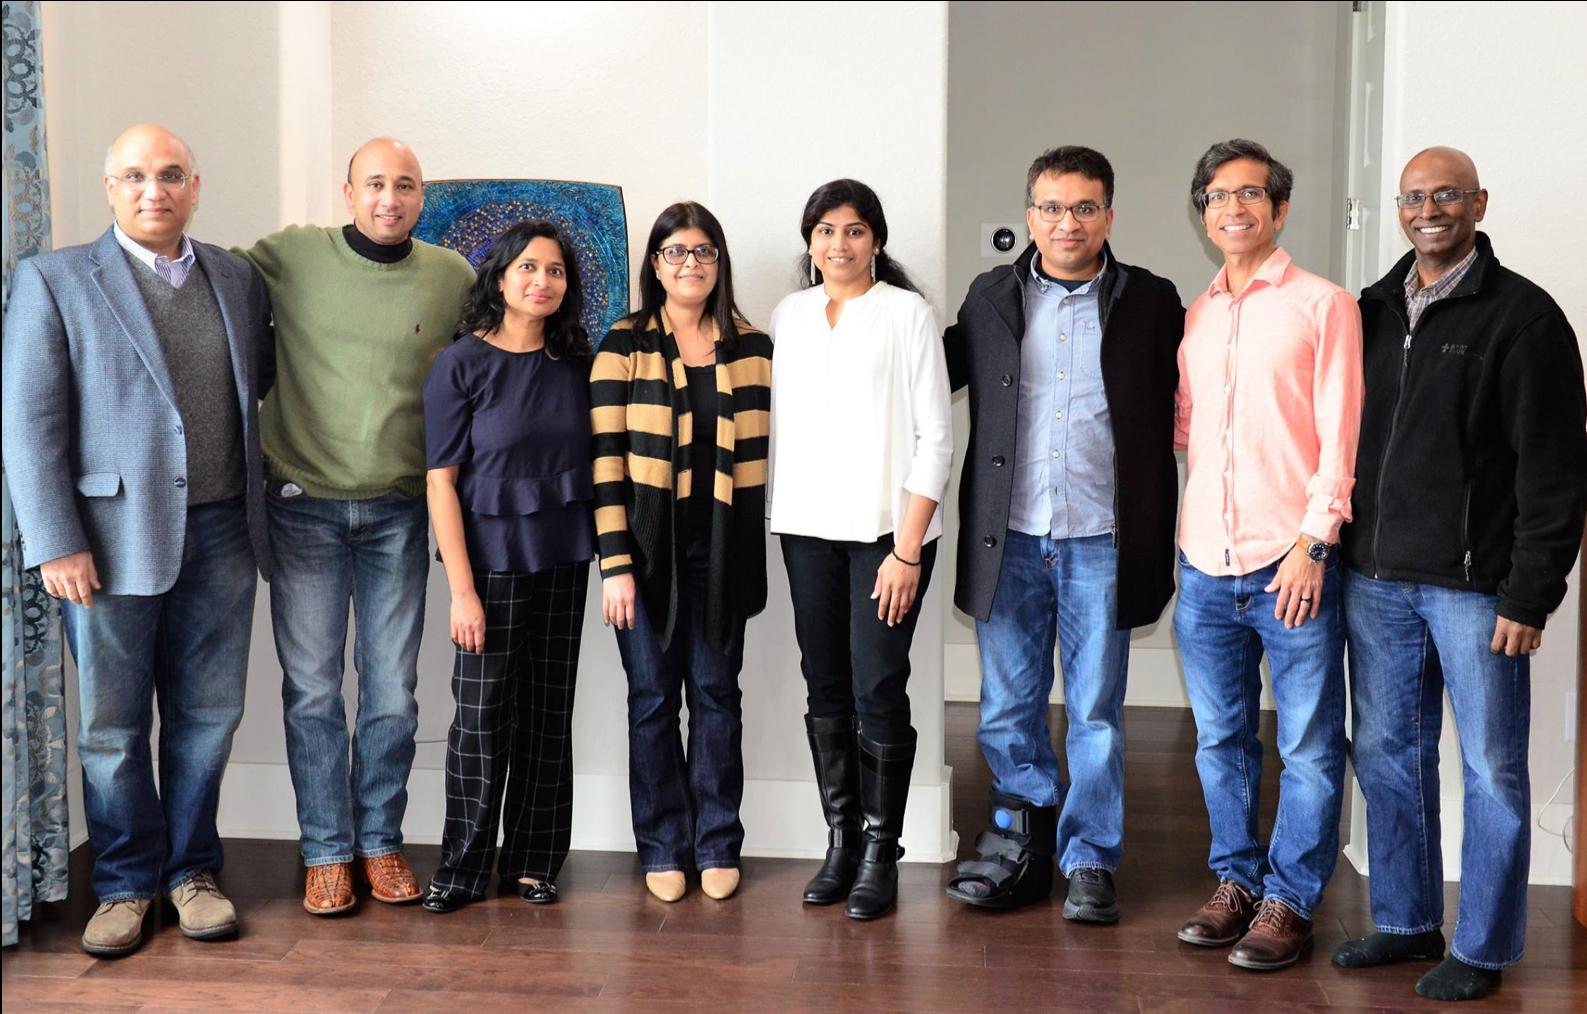 (Left to right): Rajeev Suri, Desh Sharma, Subhashini (Subha) Valvalkar, Chandana Tripathy, Nivedita Parachur, Umang Shah, Dharam Kaushik, Sridhar Beeram